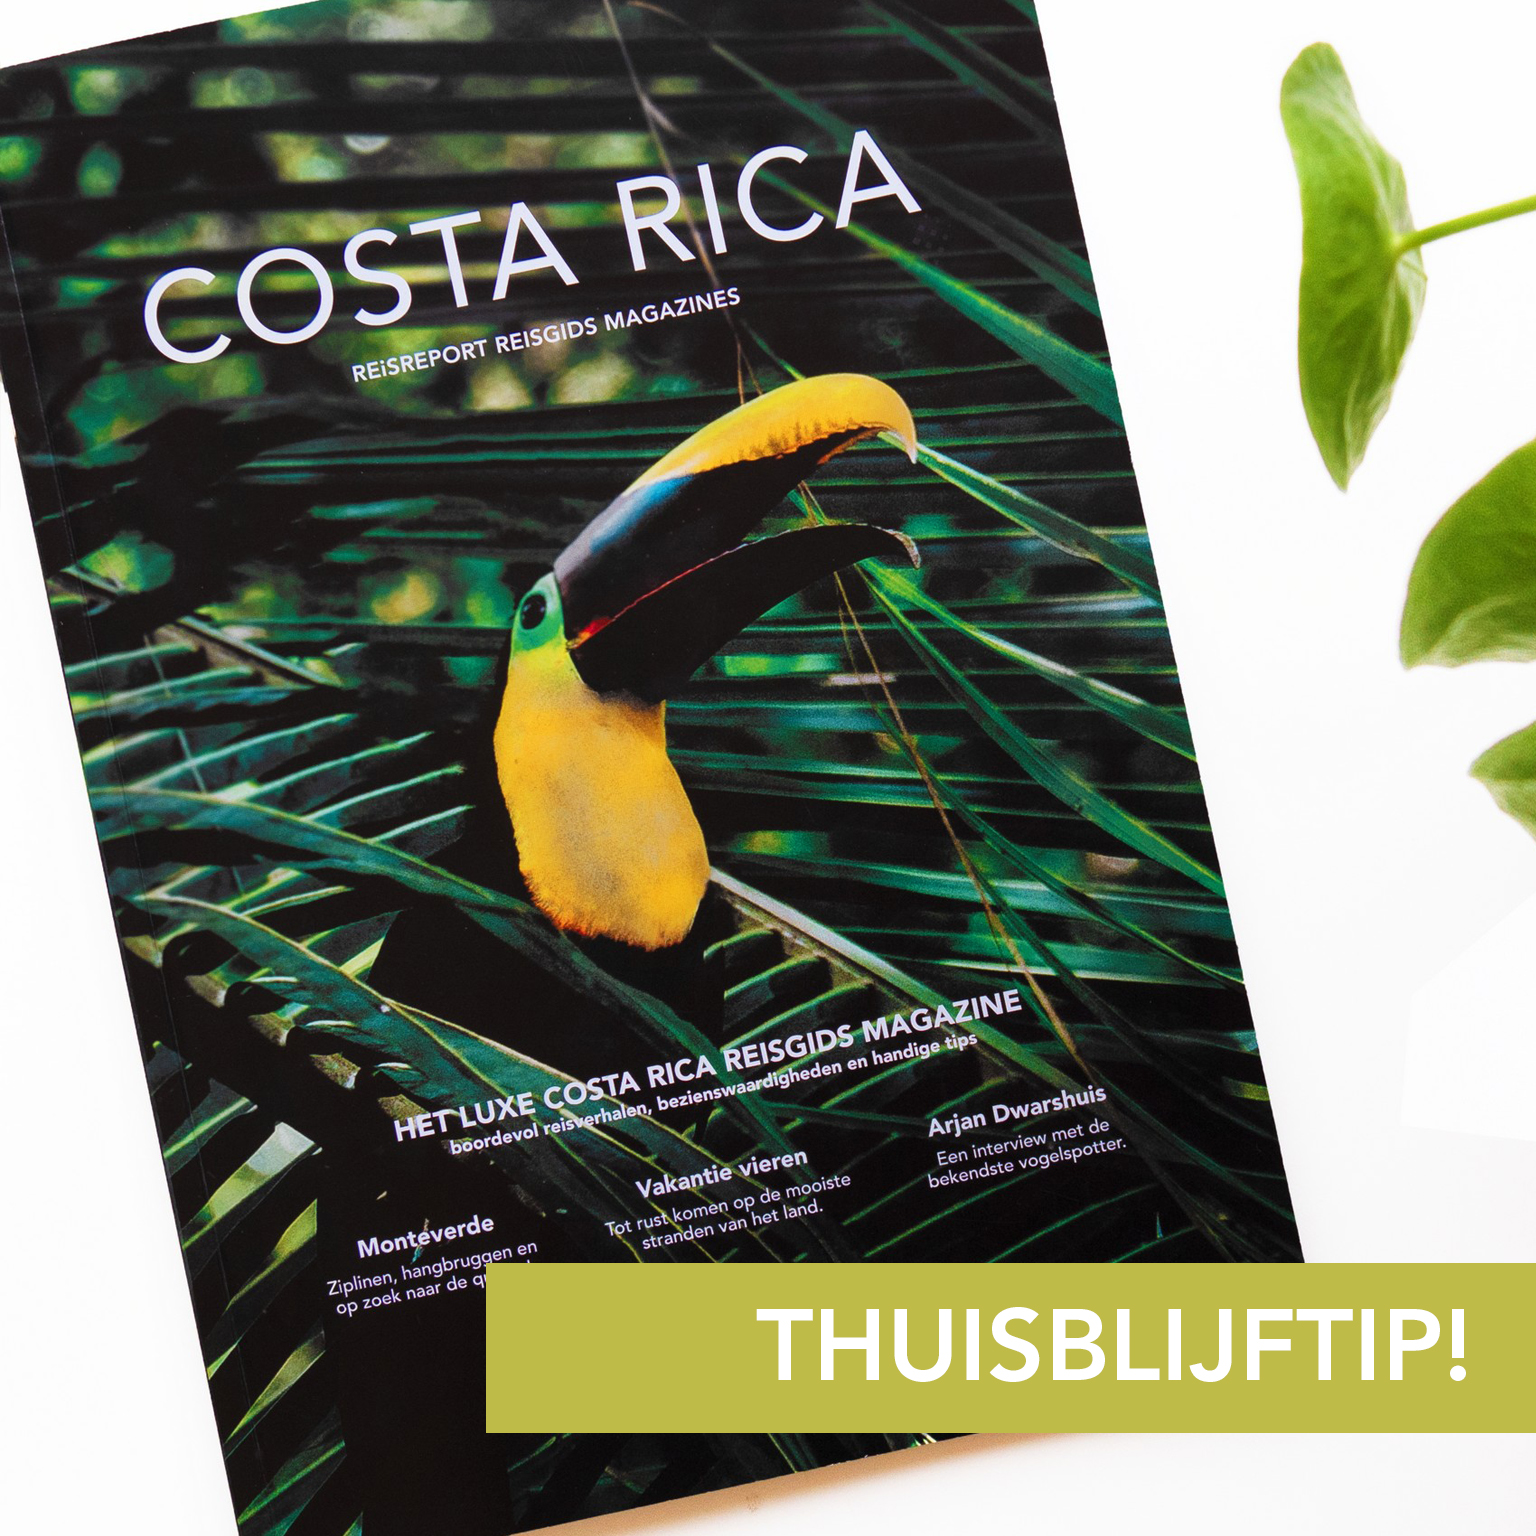 costa-rica-magazine-corona-thuisblijftip